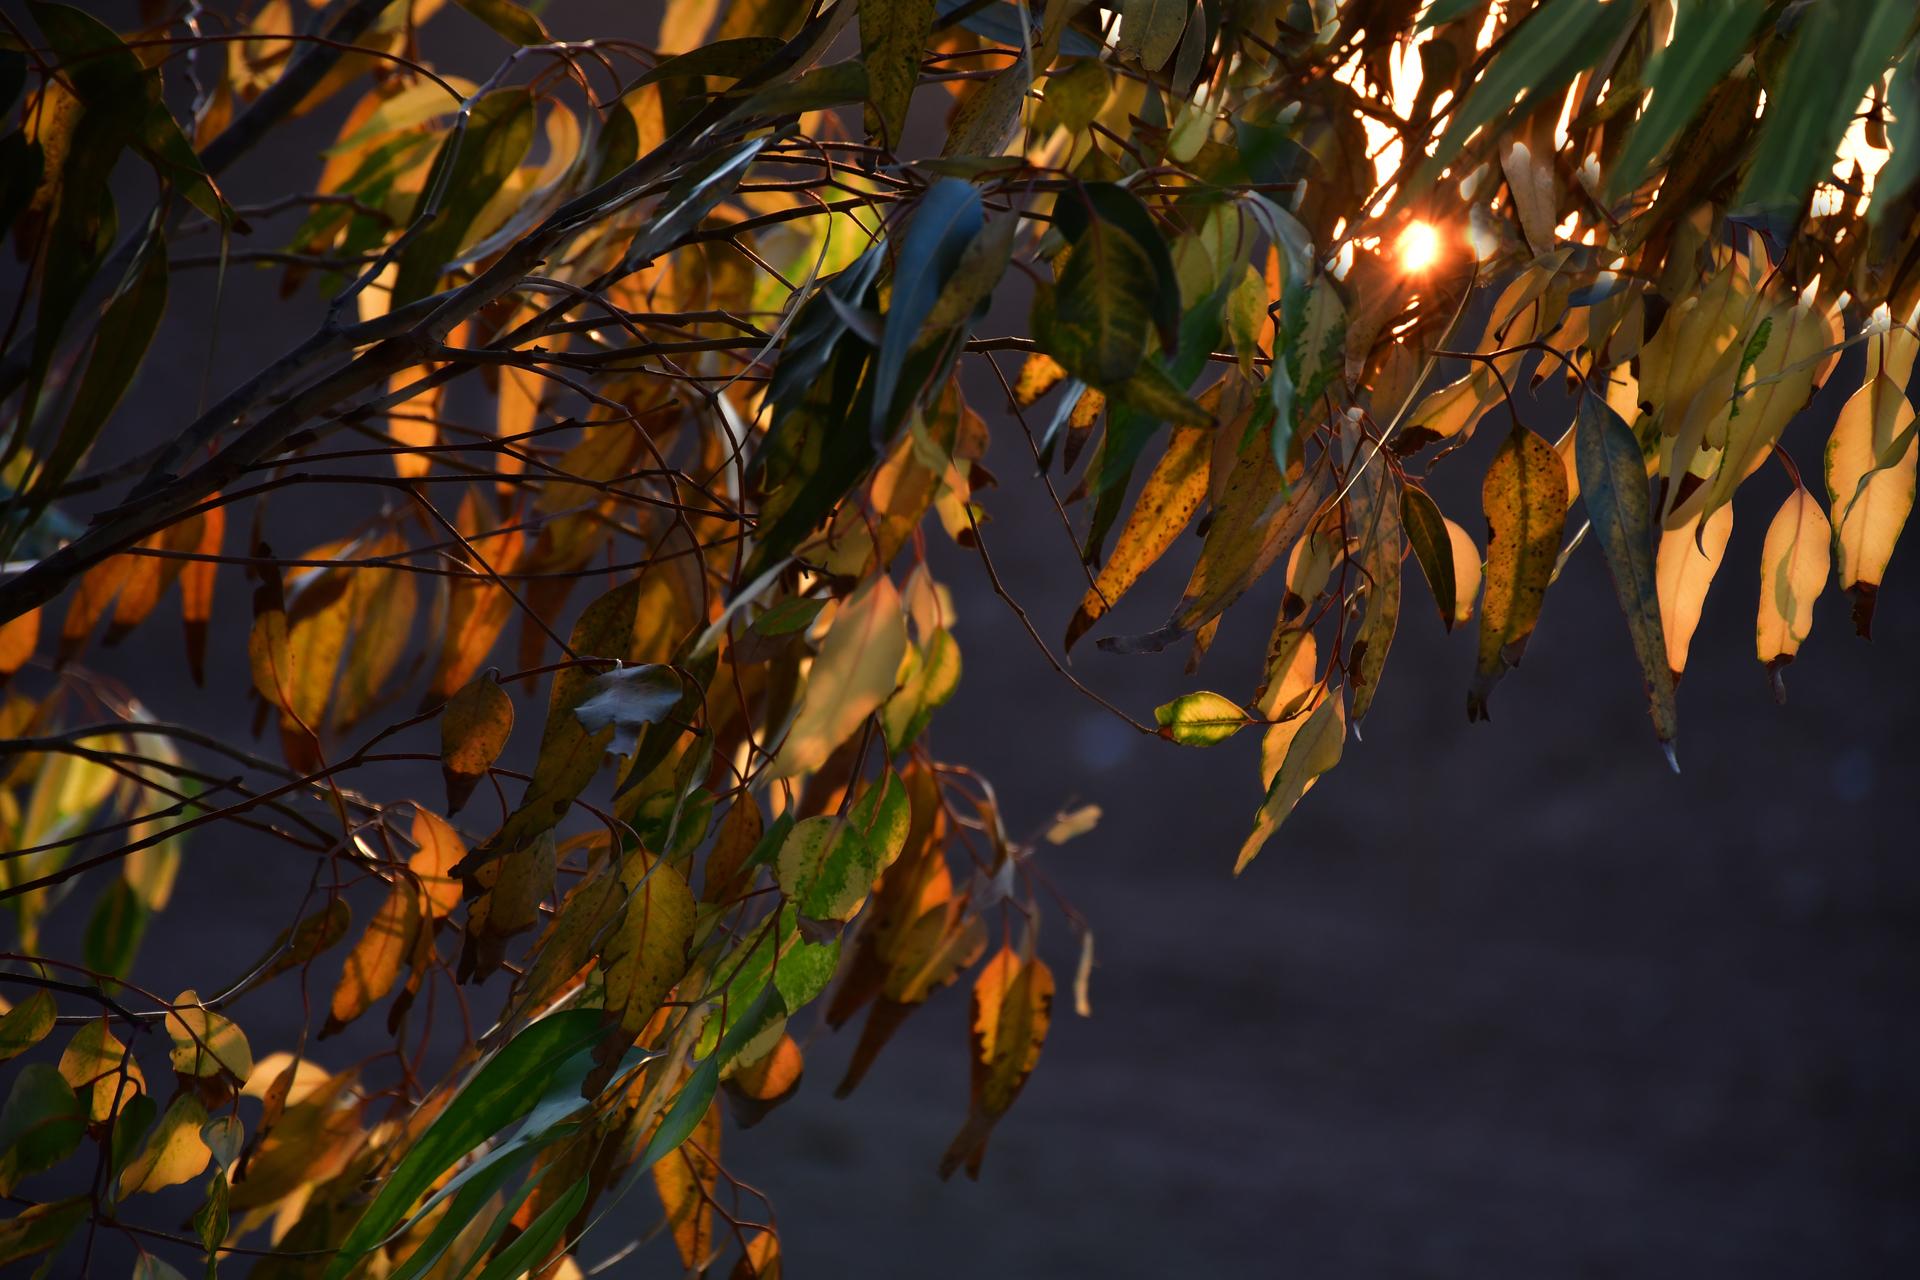 יואל שתרוג - אדמה יוצרת - yoel sitruk -שמש סתיו - יער להב- צילום בטבע - צהוב - עלי שלכת